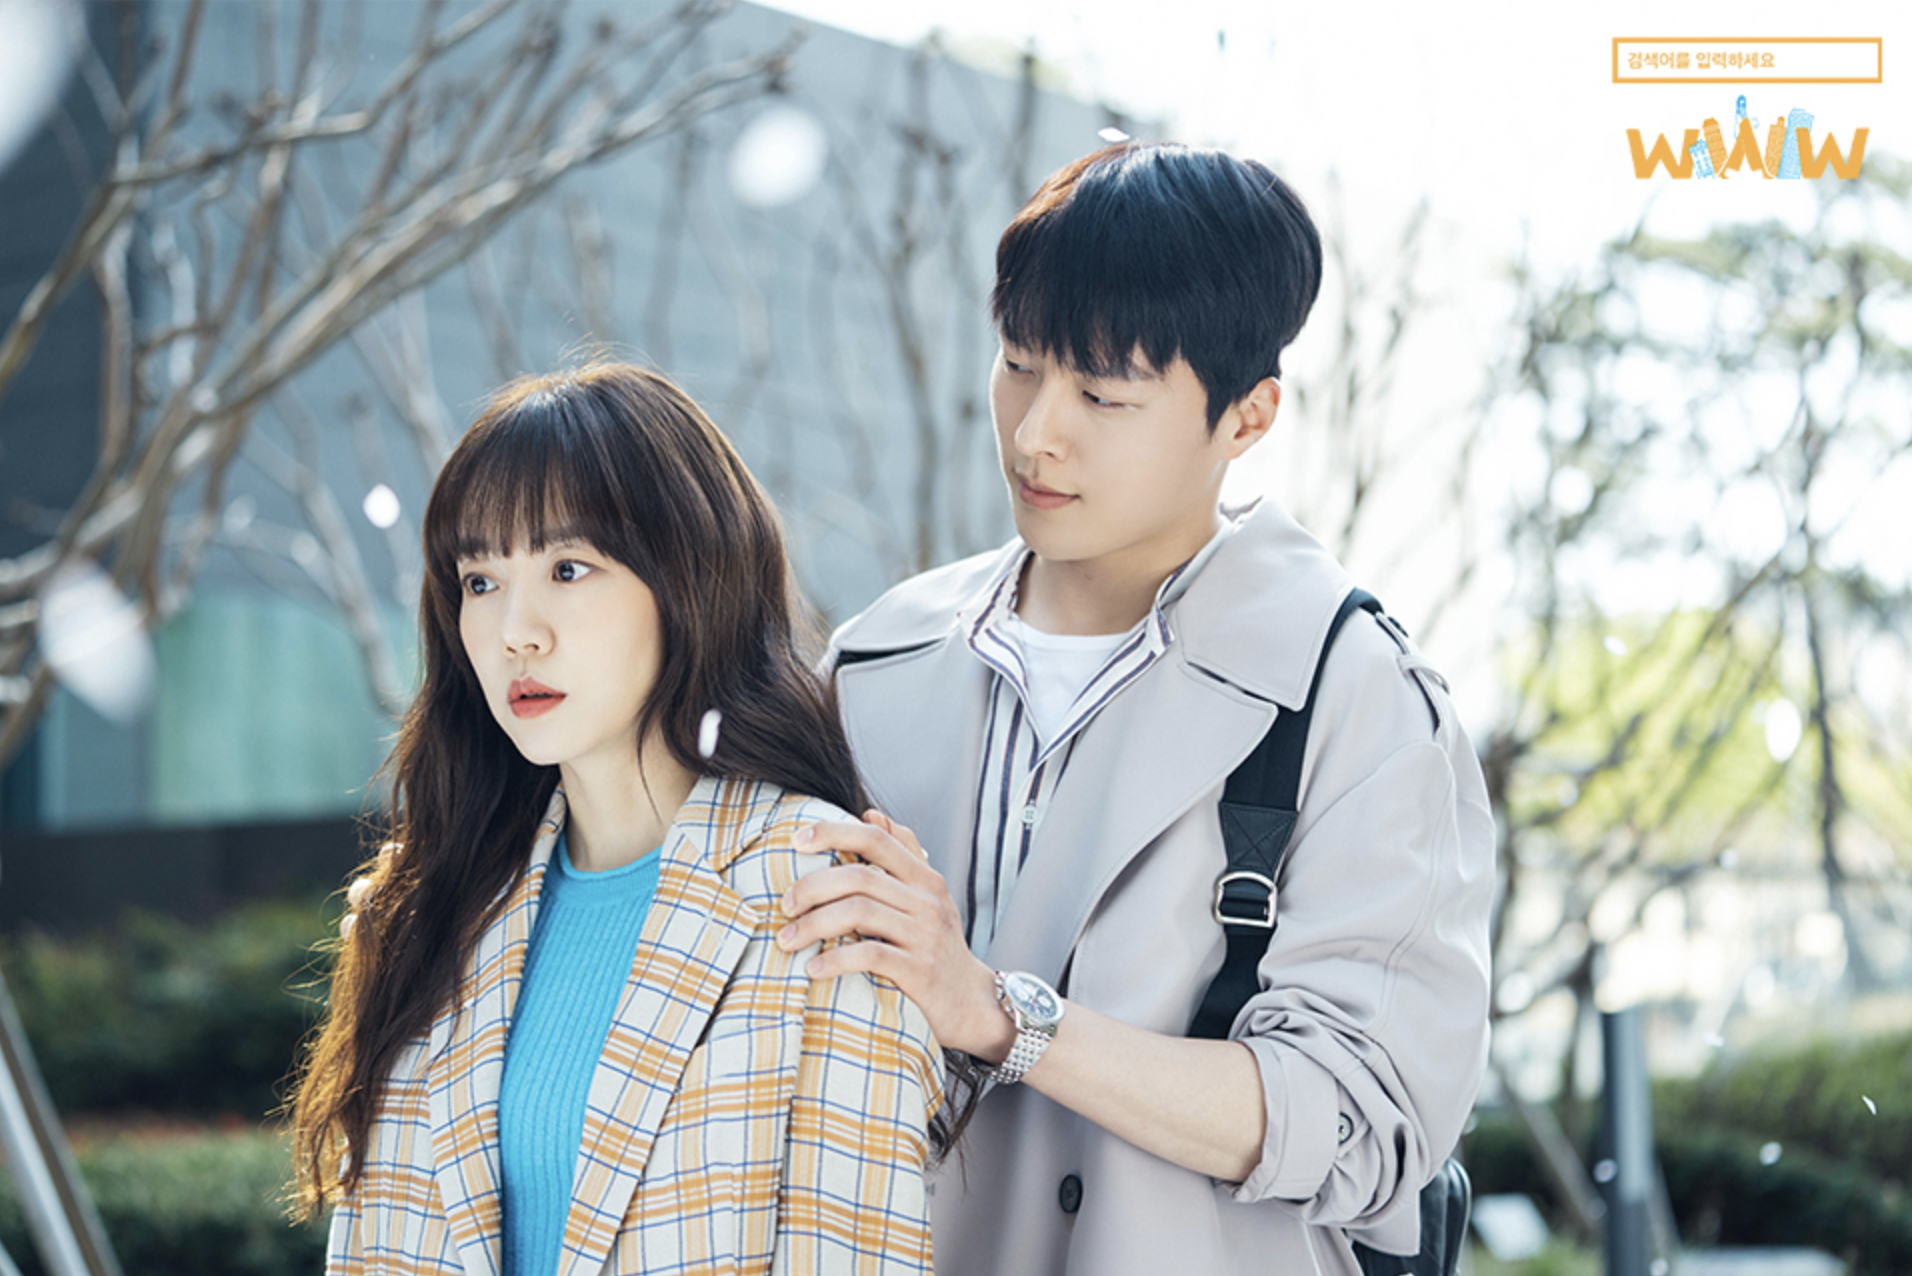 3 kiểu blazer sao Hàn hay diện trong phim, đã đẹp tinh tế còn không bao giờ lỗi mốt, nàng công sở rất nên học theo - Ảnh 10.